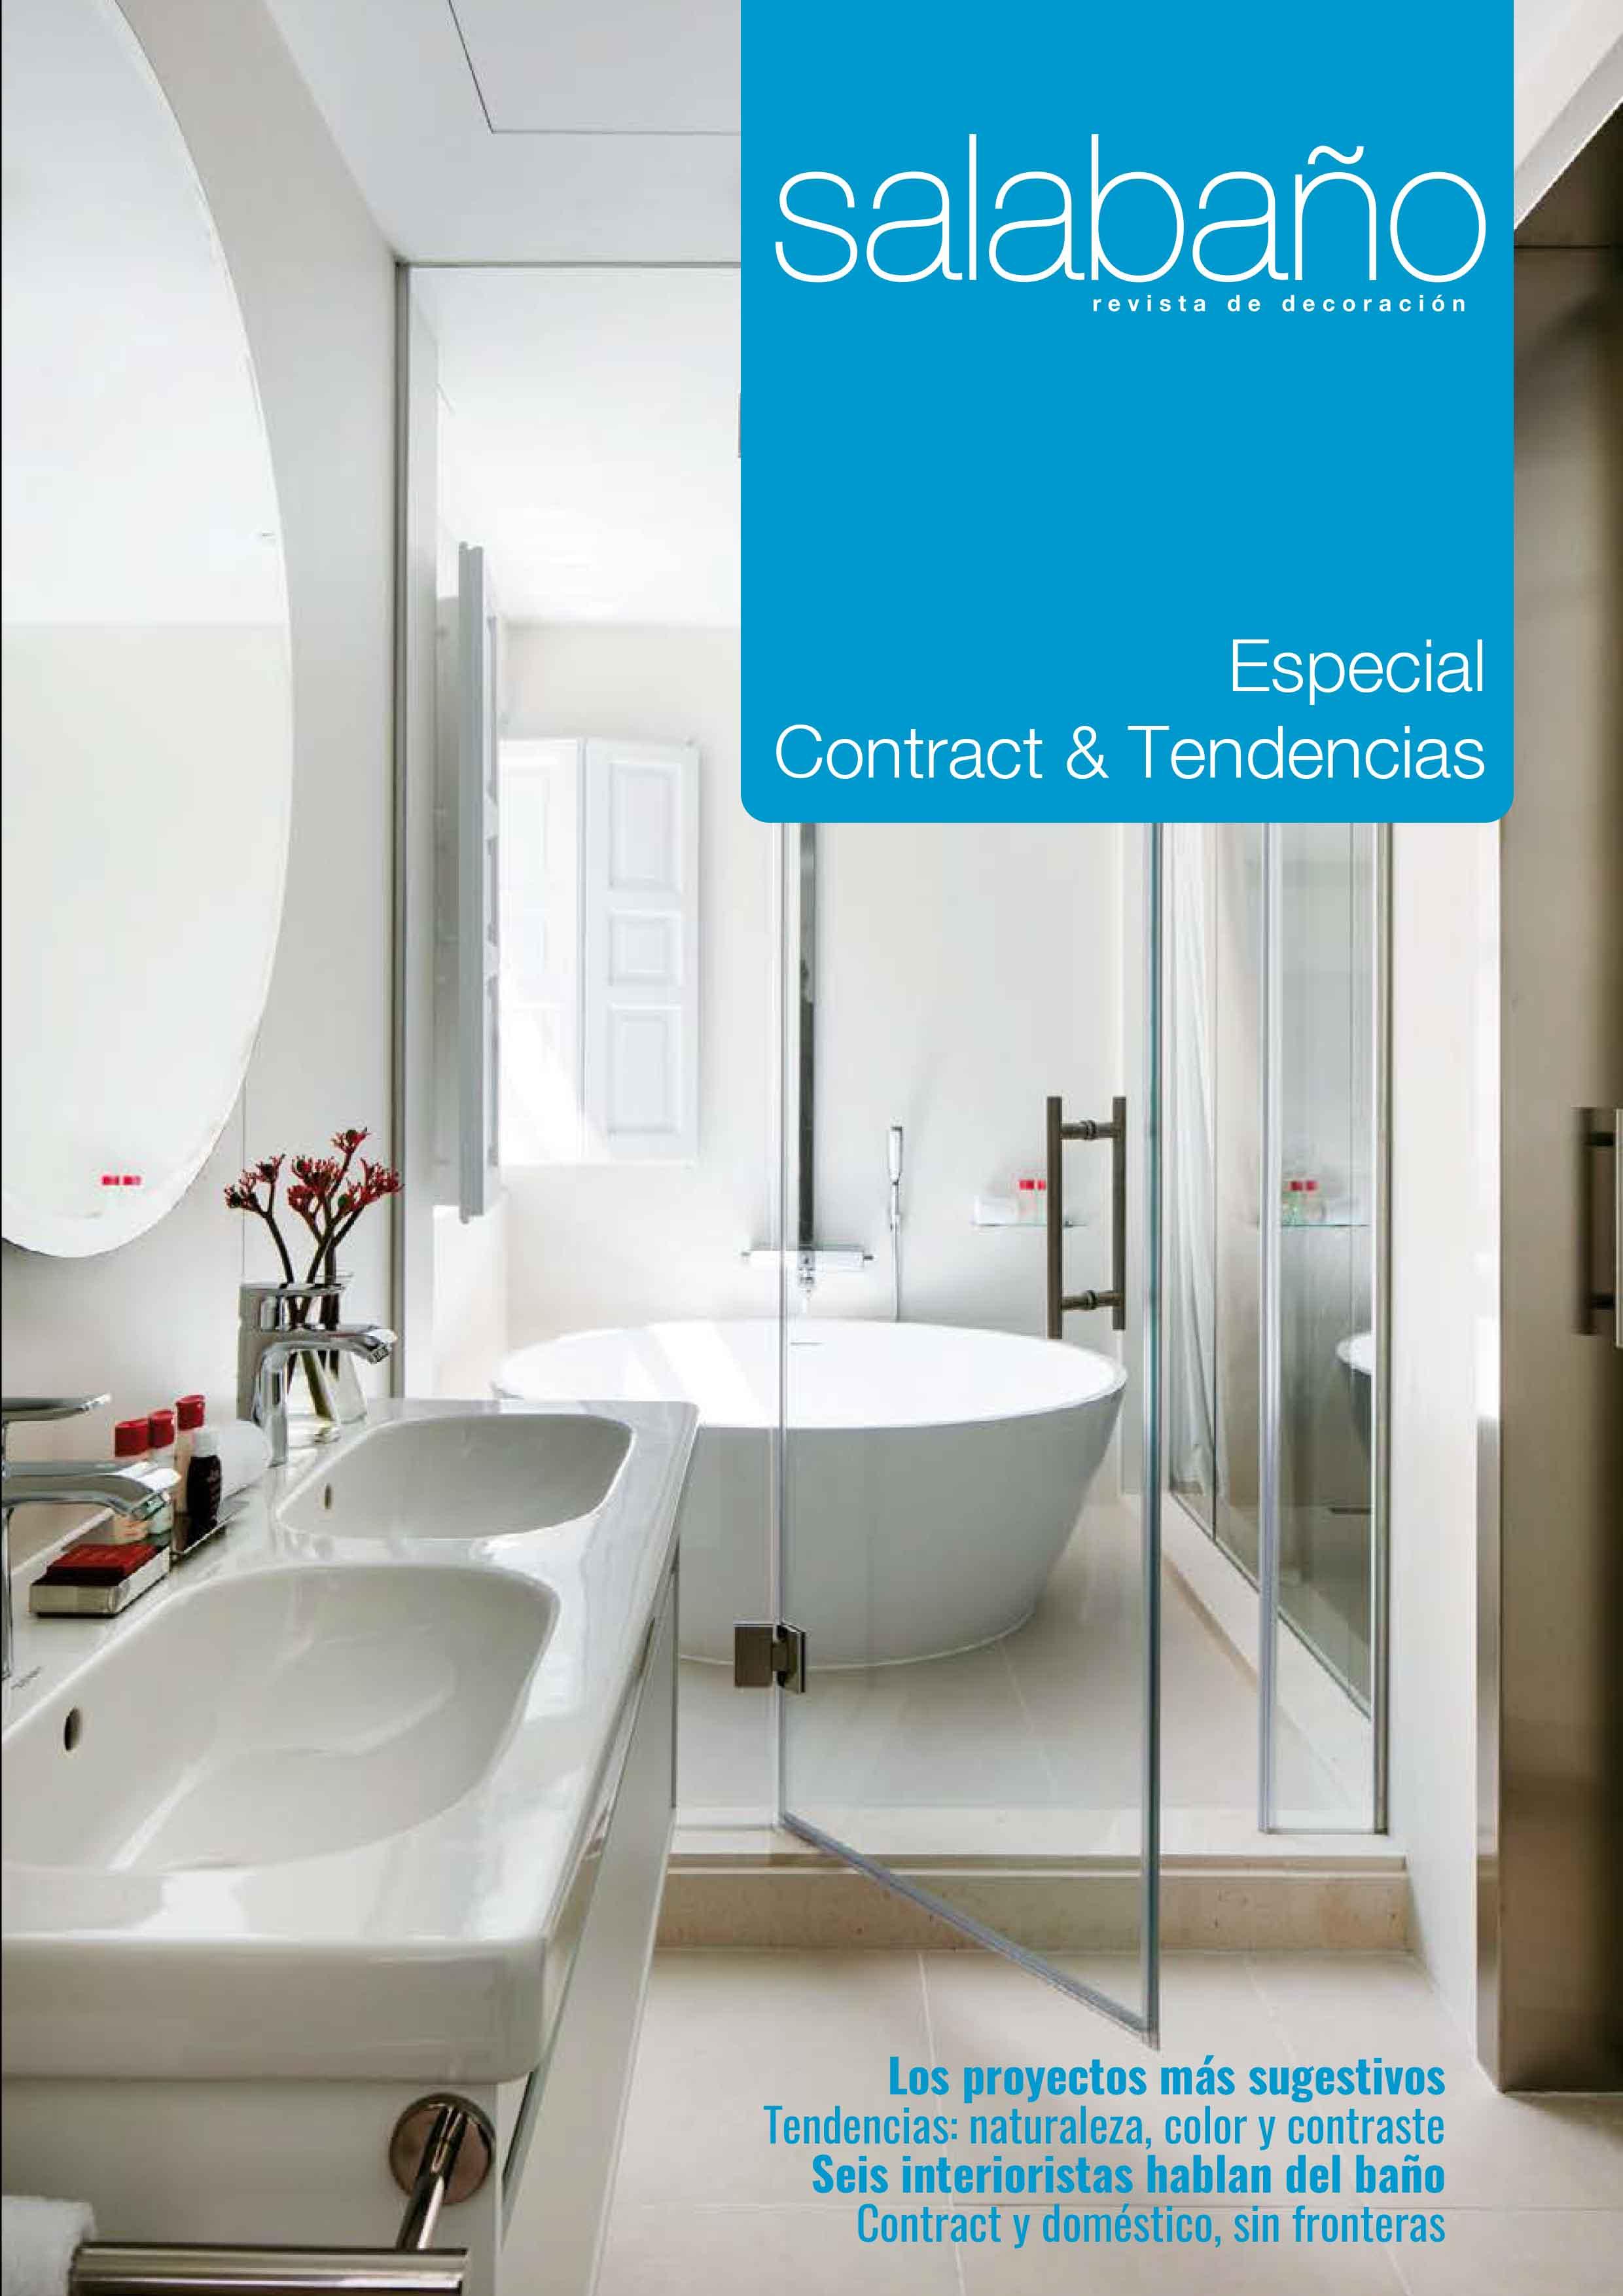 Sala-Baño-Especial-Contract-Egue-y-Seta-1